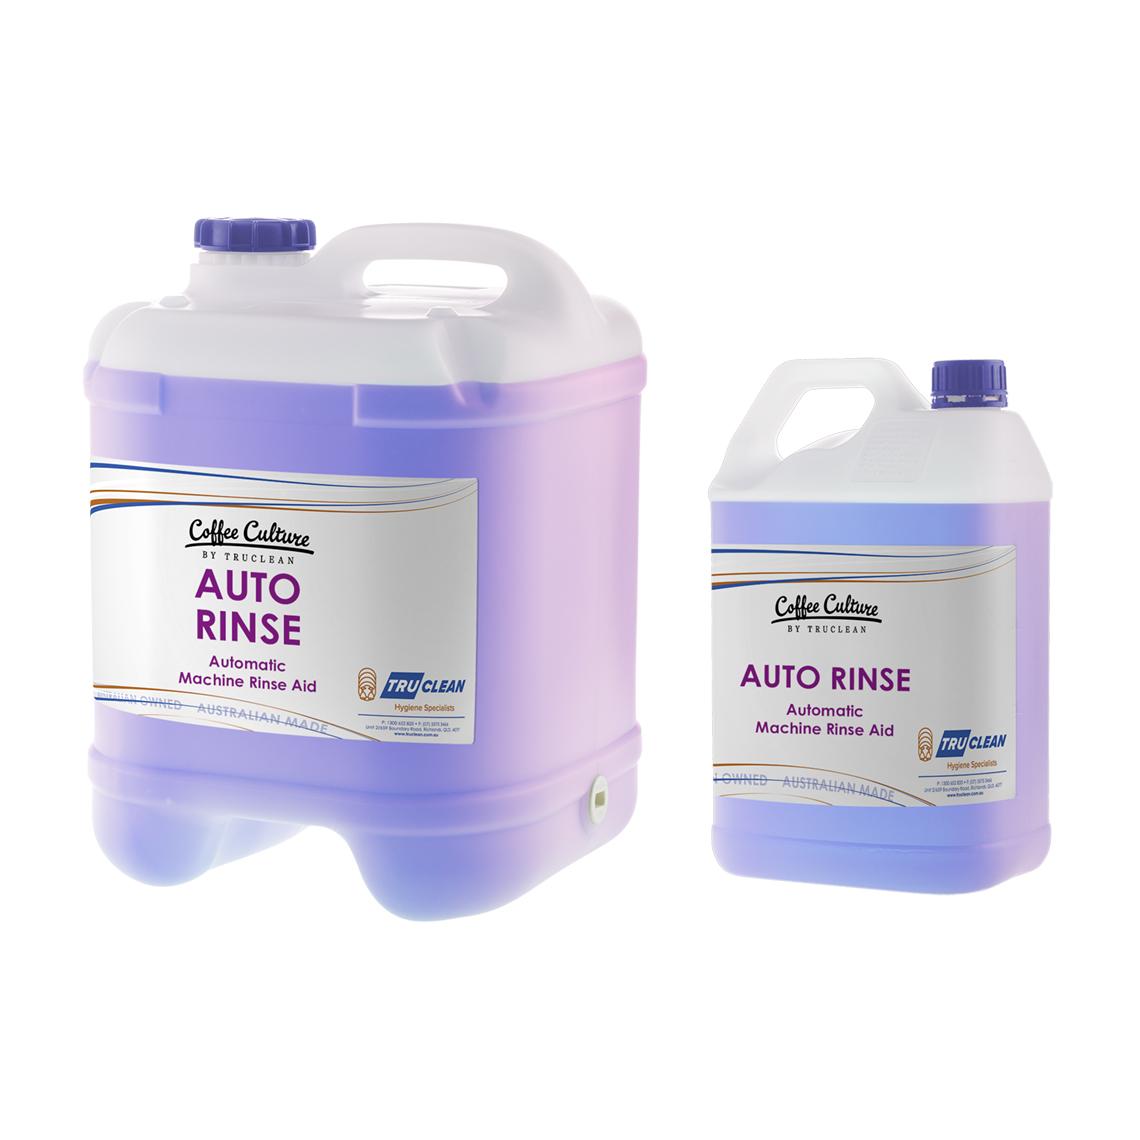 Auto Rinse